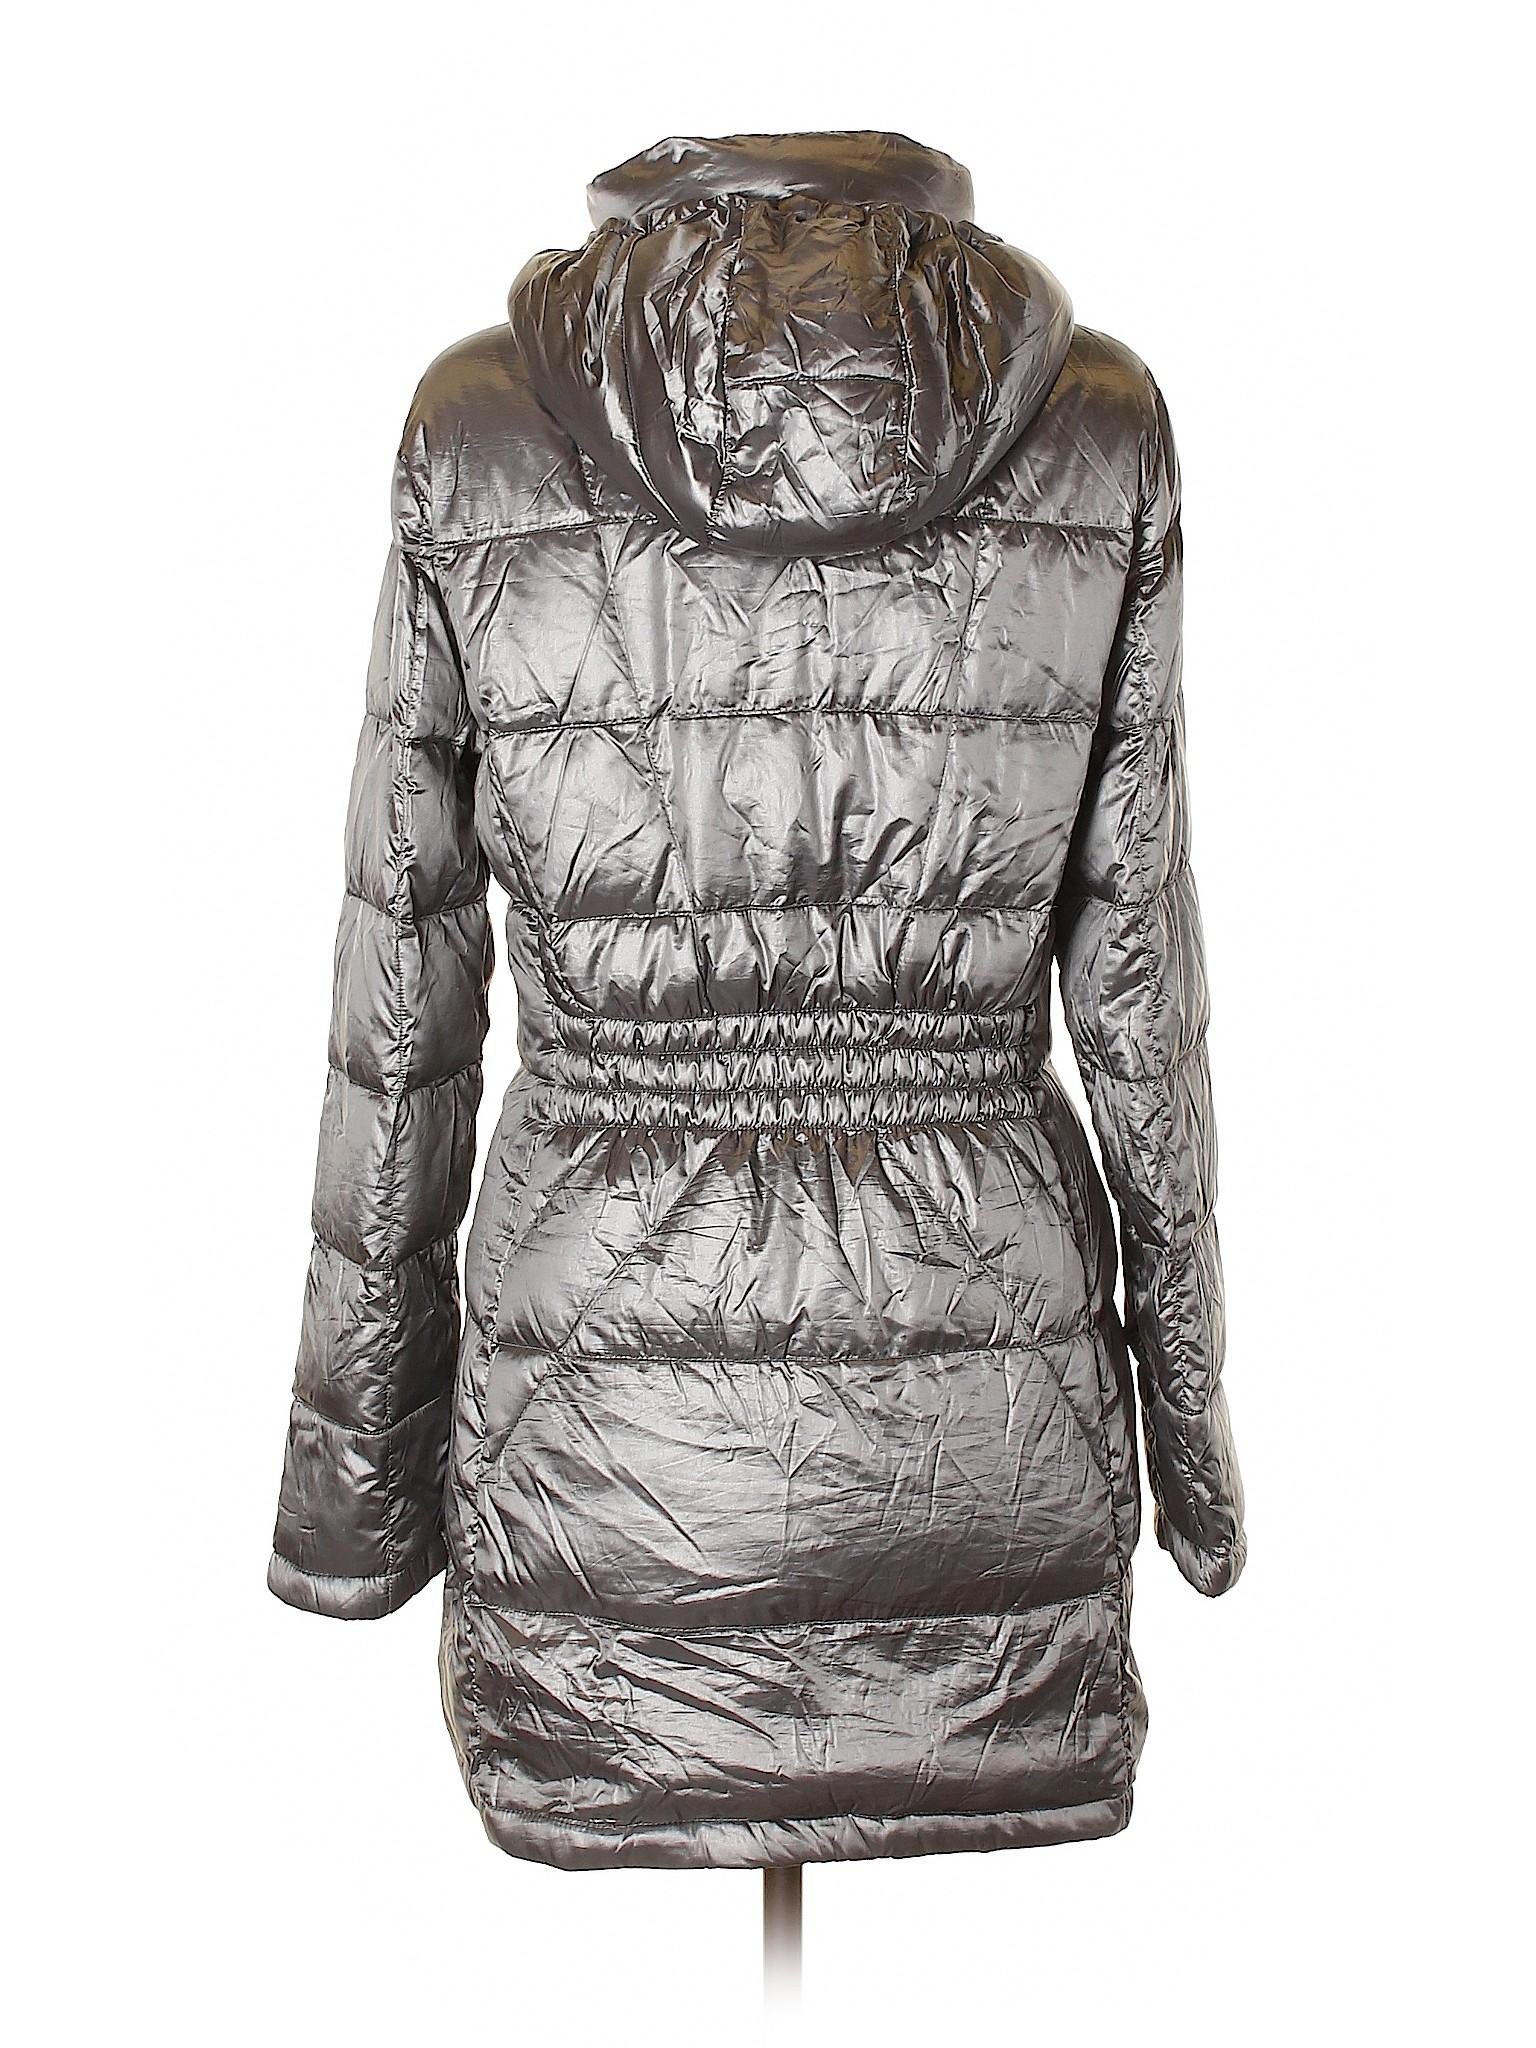 7bd7b26efb09 Gucci Bags At Costco